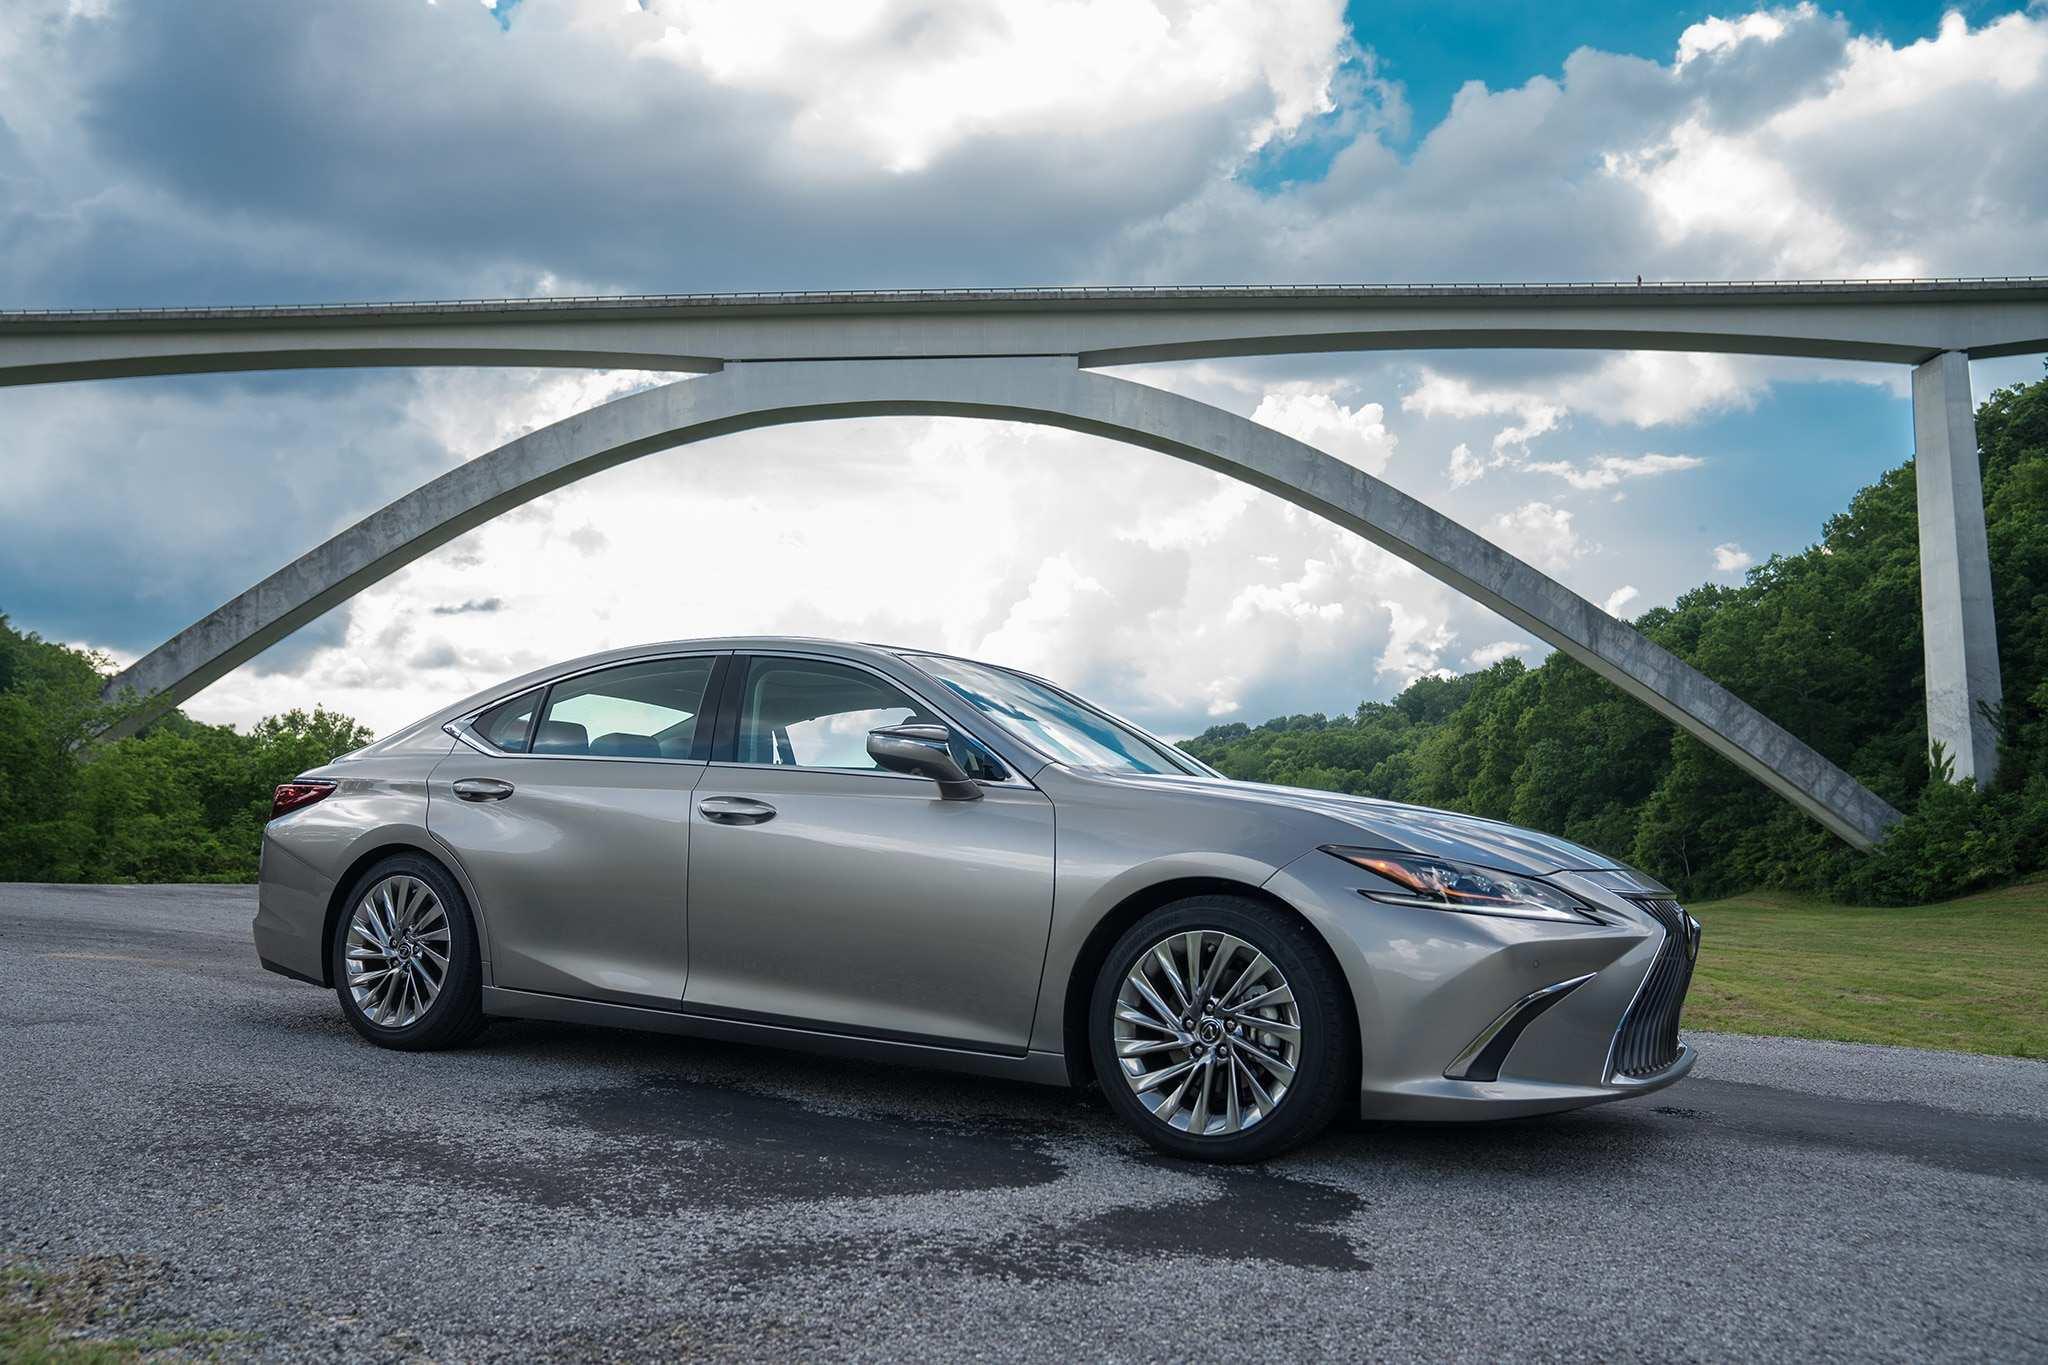 54 Gallery of 2019 Lexus Es Hybrid Rumors Ratings for 2019 Lexus Es Hybrid Rumors